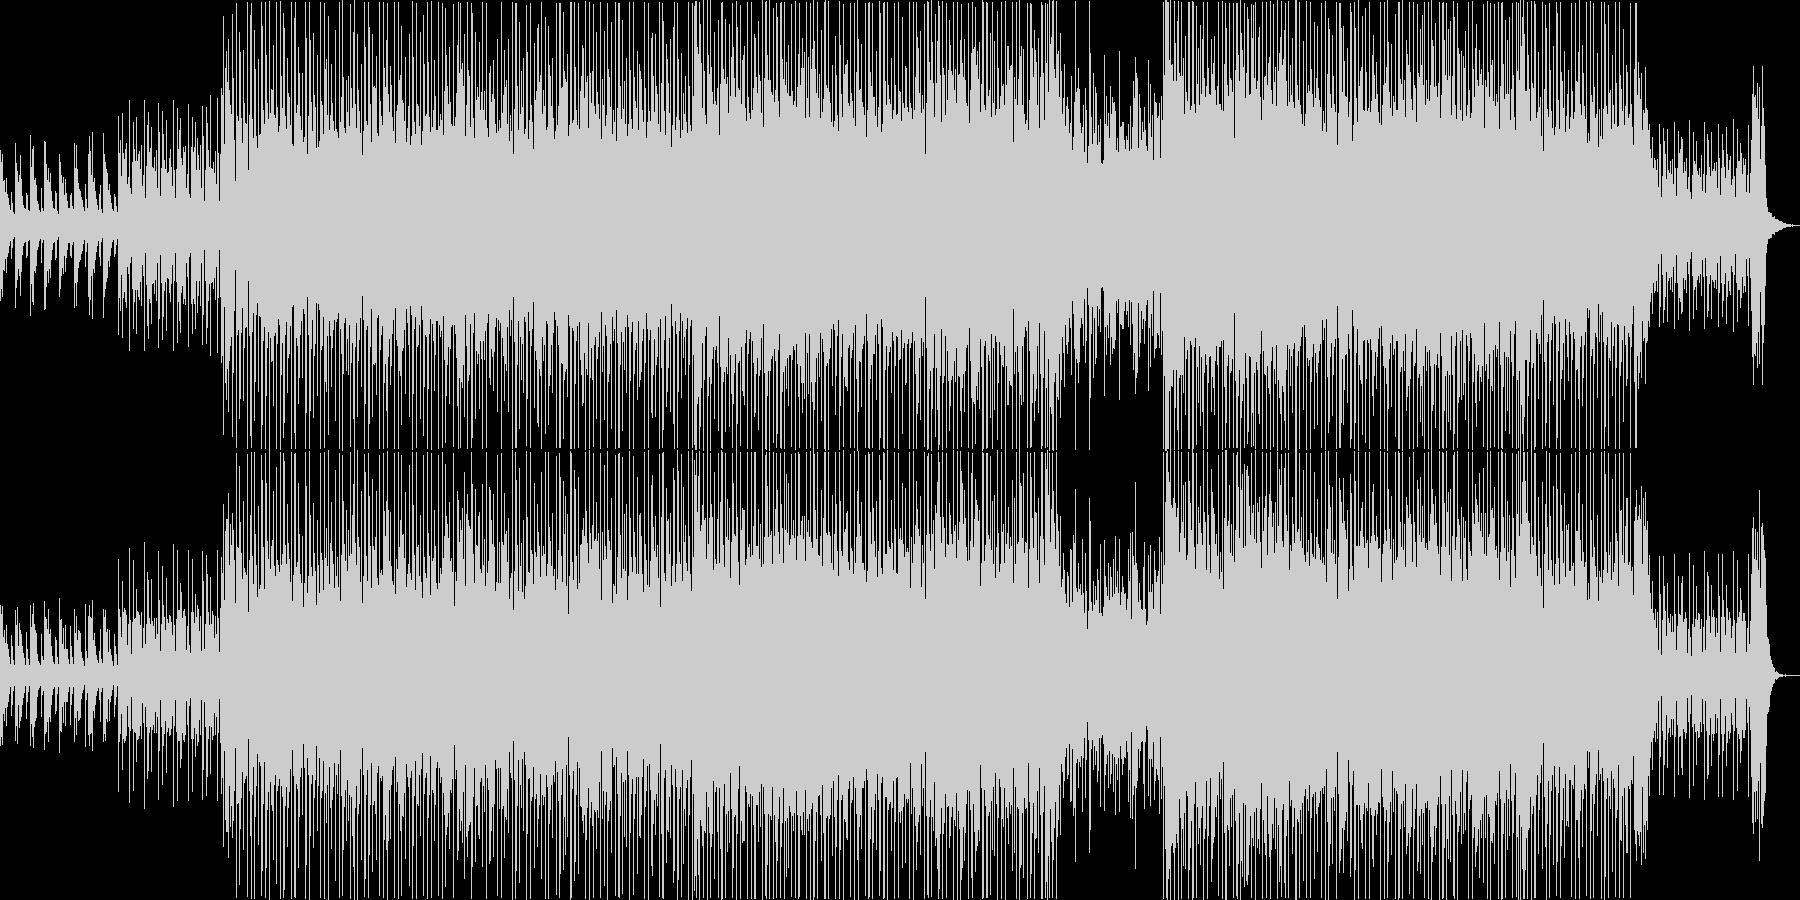 明るいムードのポップハウス曲の未再生の波形